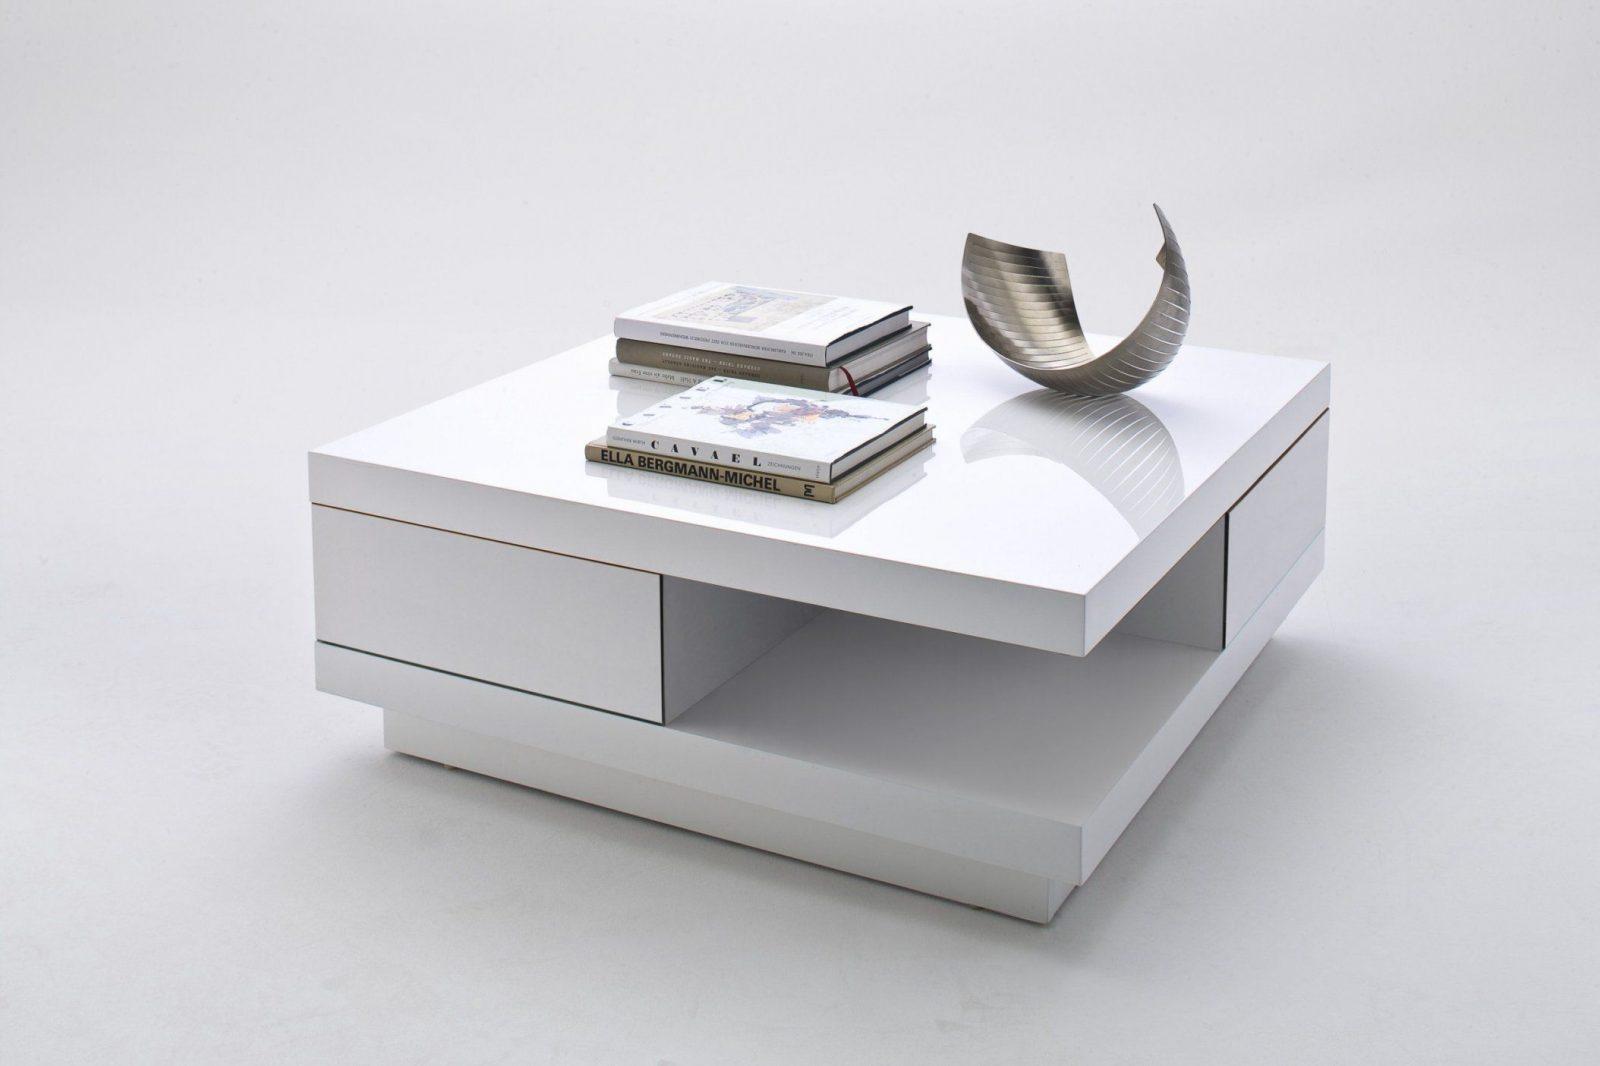 Sensationell Couchtisch Weiß Hochglanz Entwurf Ideen Full Hd von Couchtisch Weiß Hochglanz 60 X 60 Photo